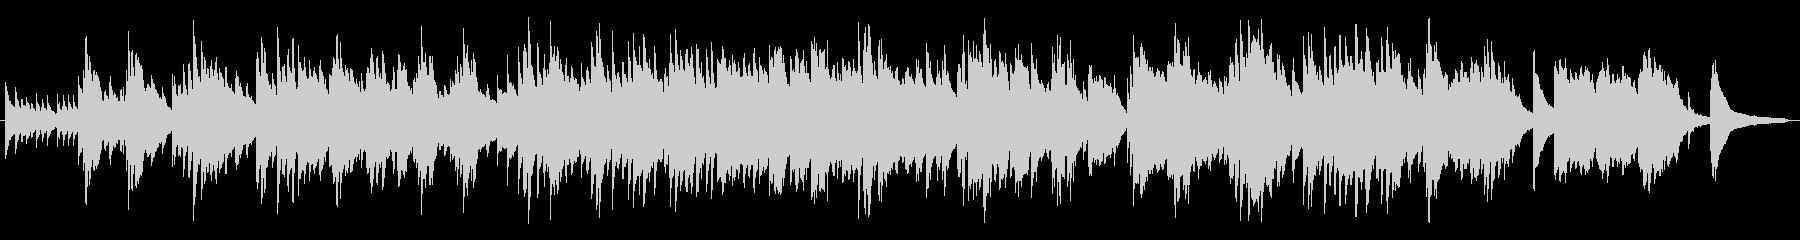 優しいメロディが印象的なピアノBGMの未再生の波形